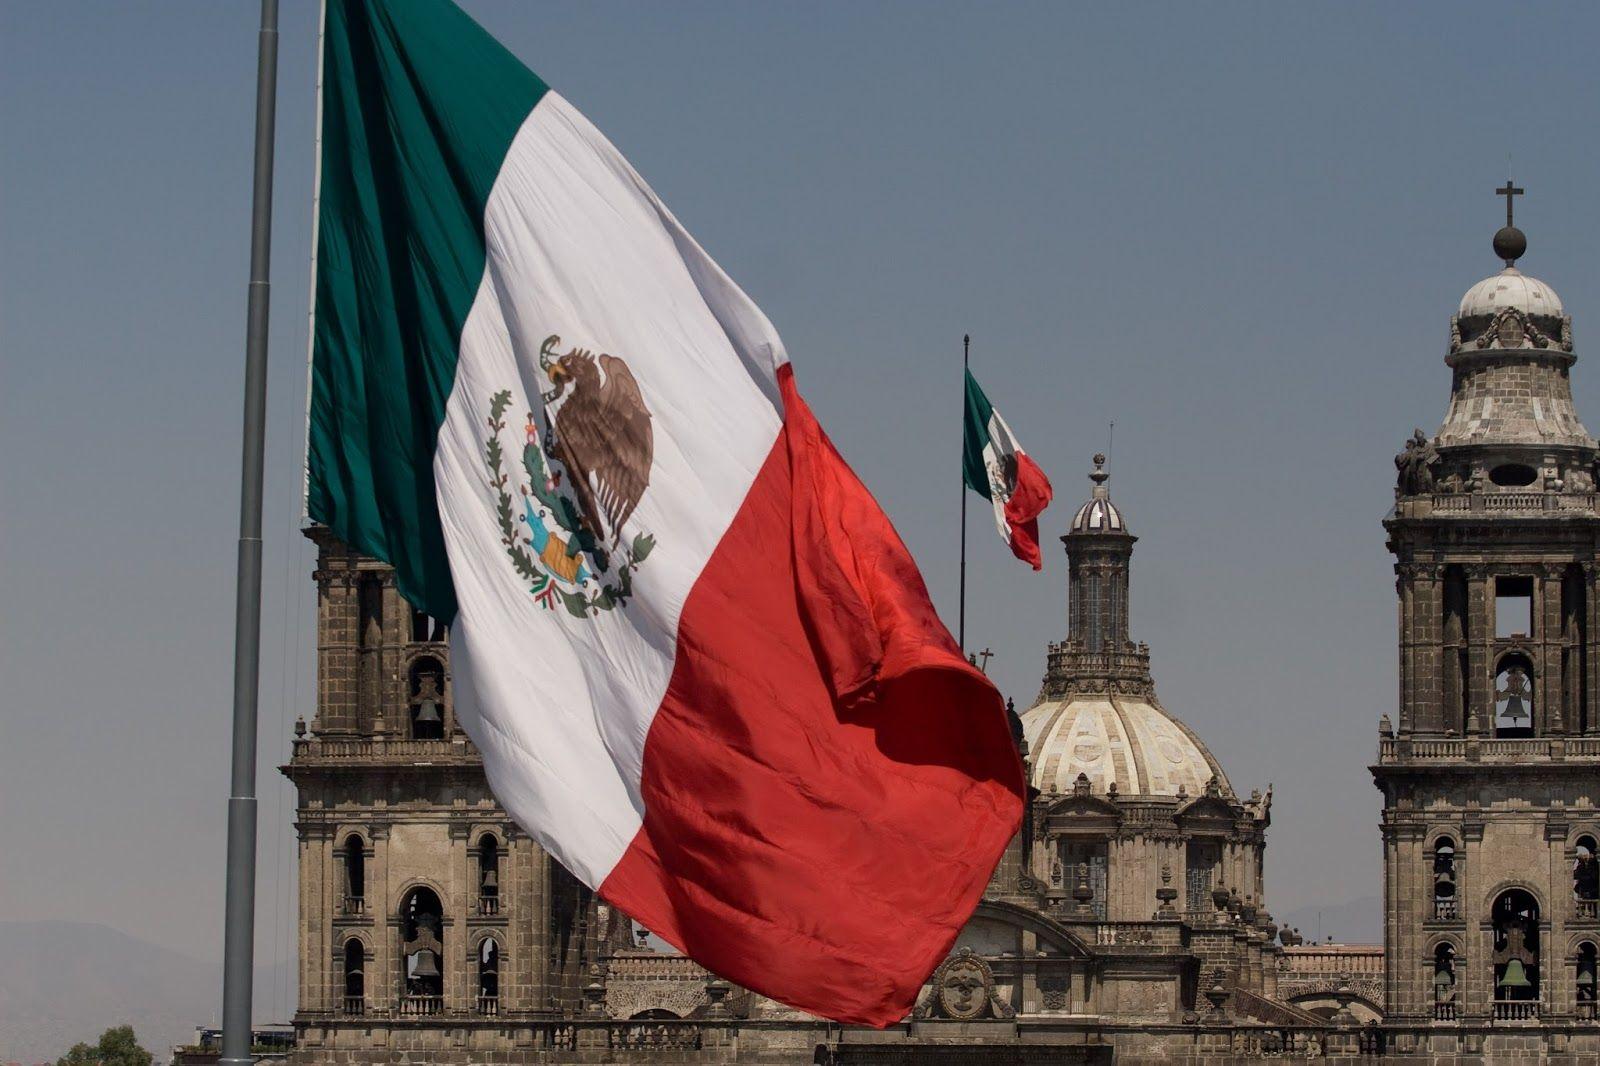 Bandera De Mexico Dia De La 24 De Febrero 1 Jpg 1600 1066 Historia De Mexico Mexico Bandera Banderas Mexicanas